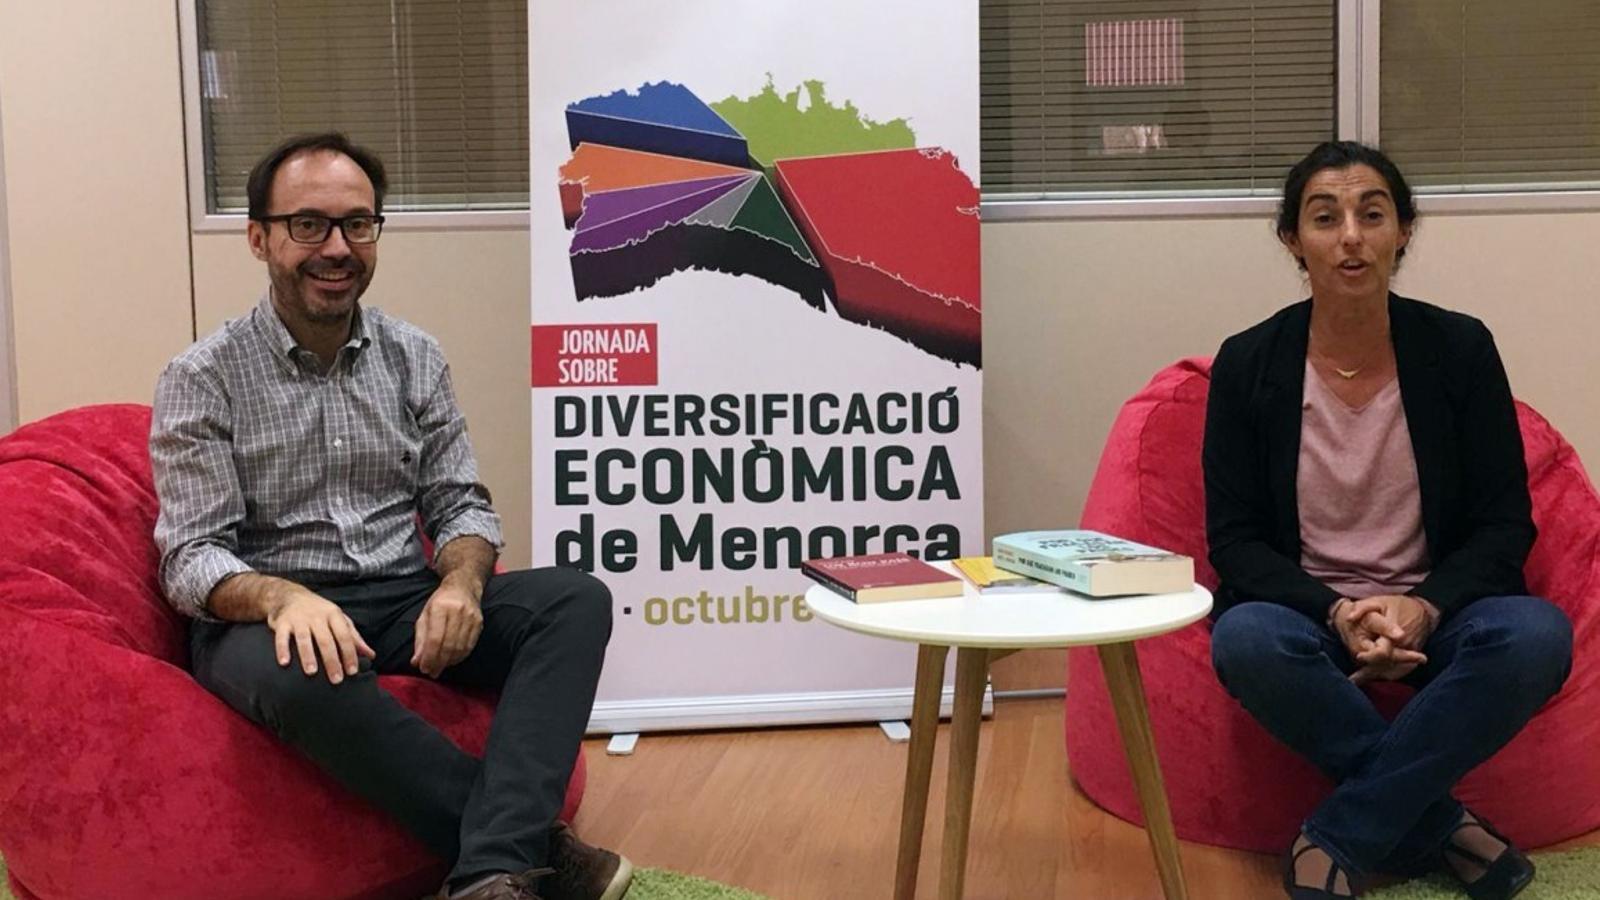 Josep Castells i Carmen Crespo impulsen la Jornada que reunirà a responsables de diferents àmbits per debatre sobre el futur econòmic de Menorca.